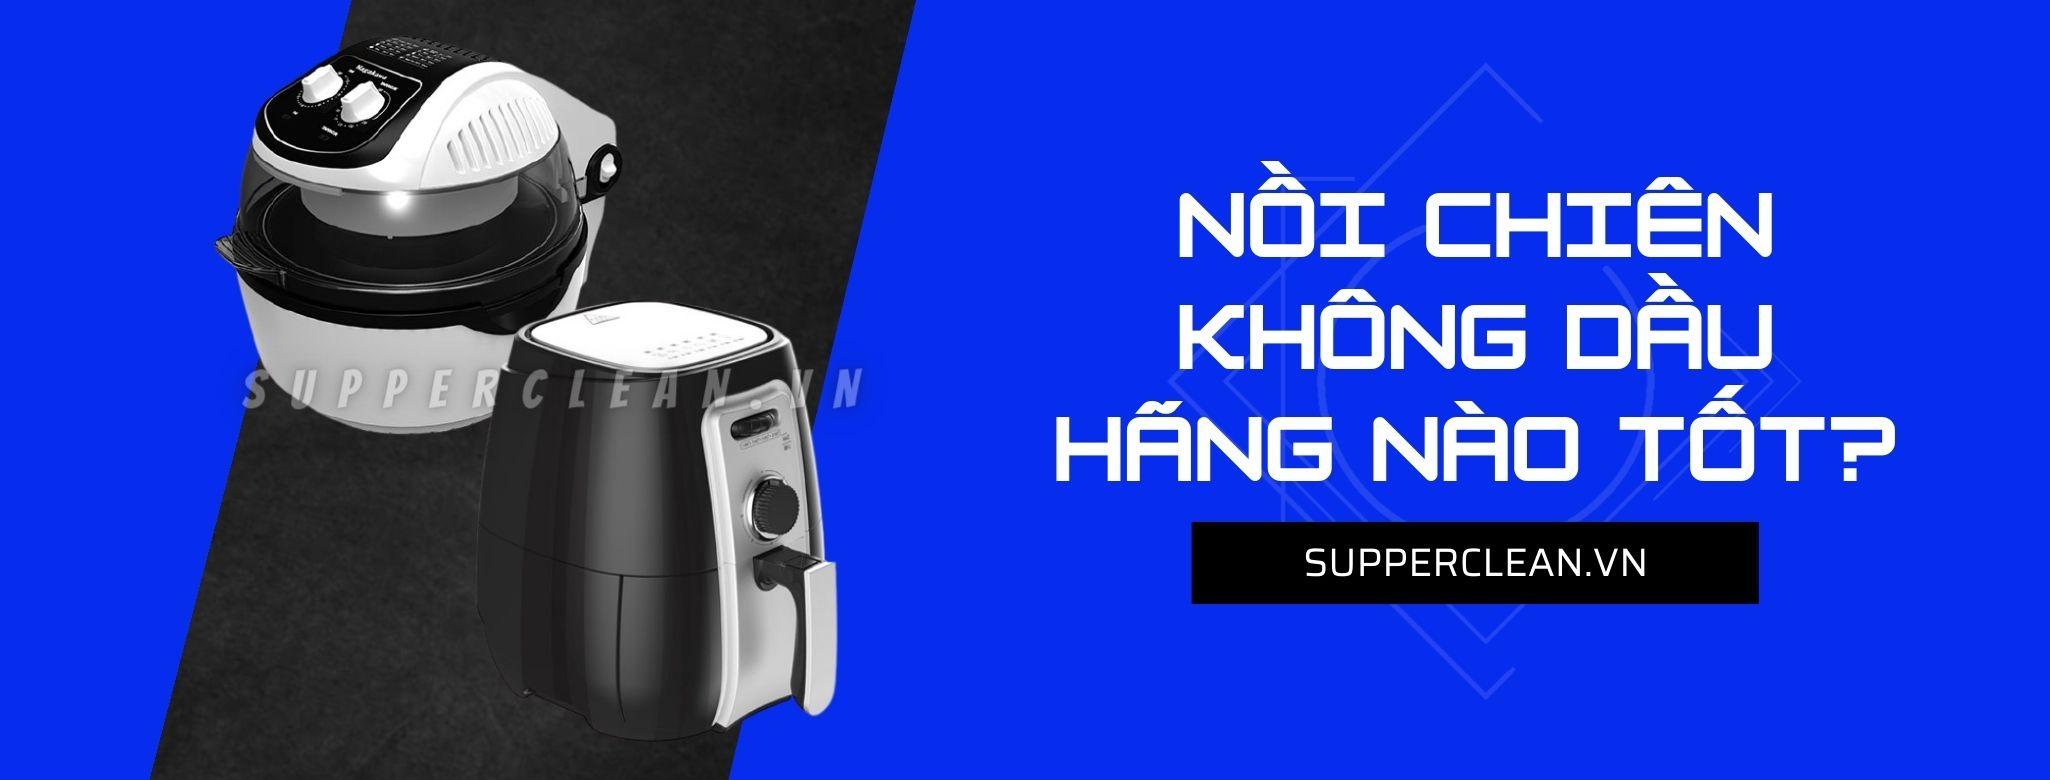 noi-chien-khong-dau-hang-nao-tot-nhat